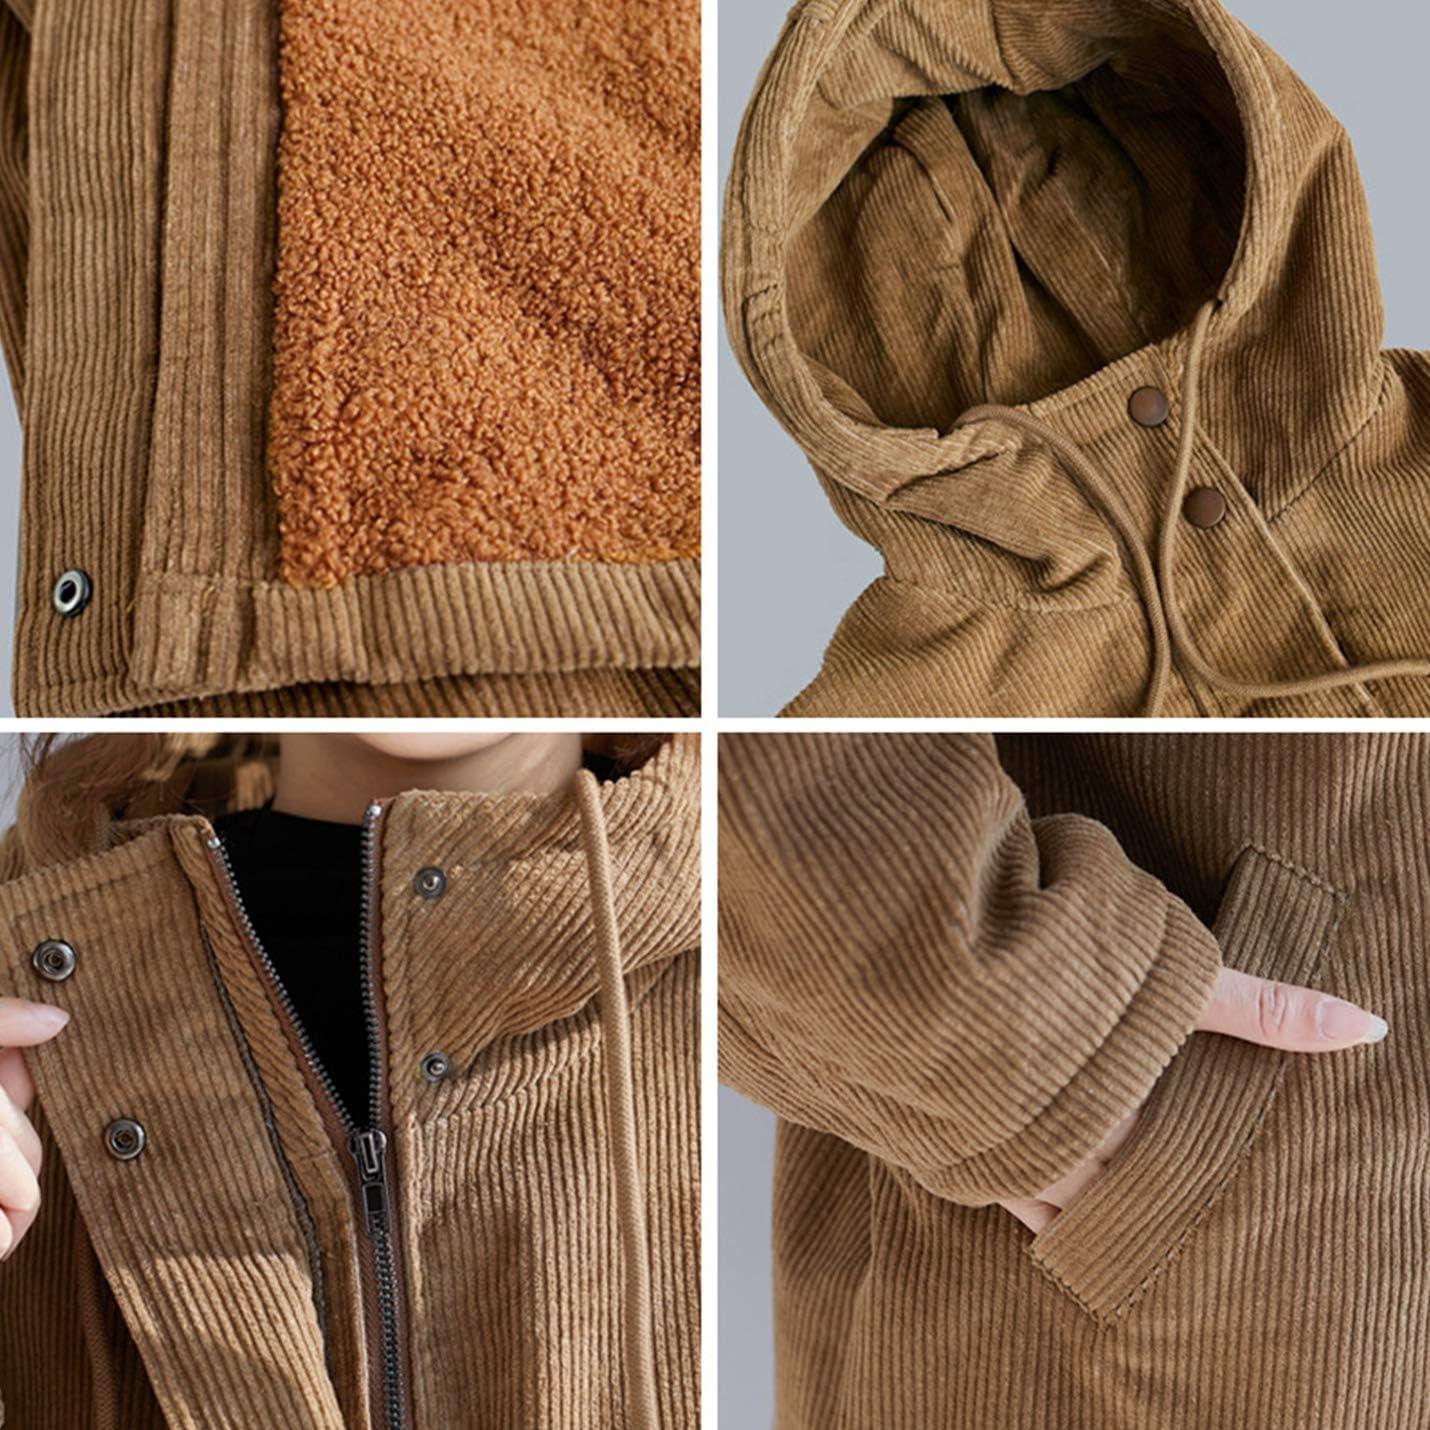 PEHMEA Women's Warm Winter Faux Fur Sherpa Lined Hoodies Coat Outerwear Mid-Long Overcoat Jacket